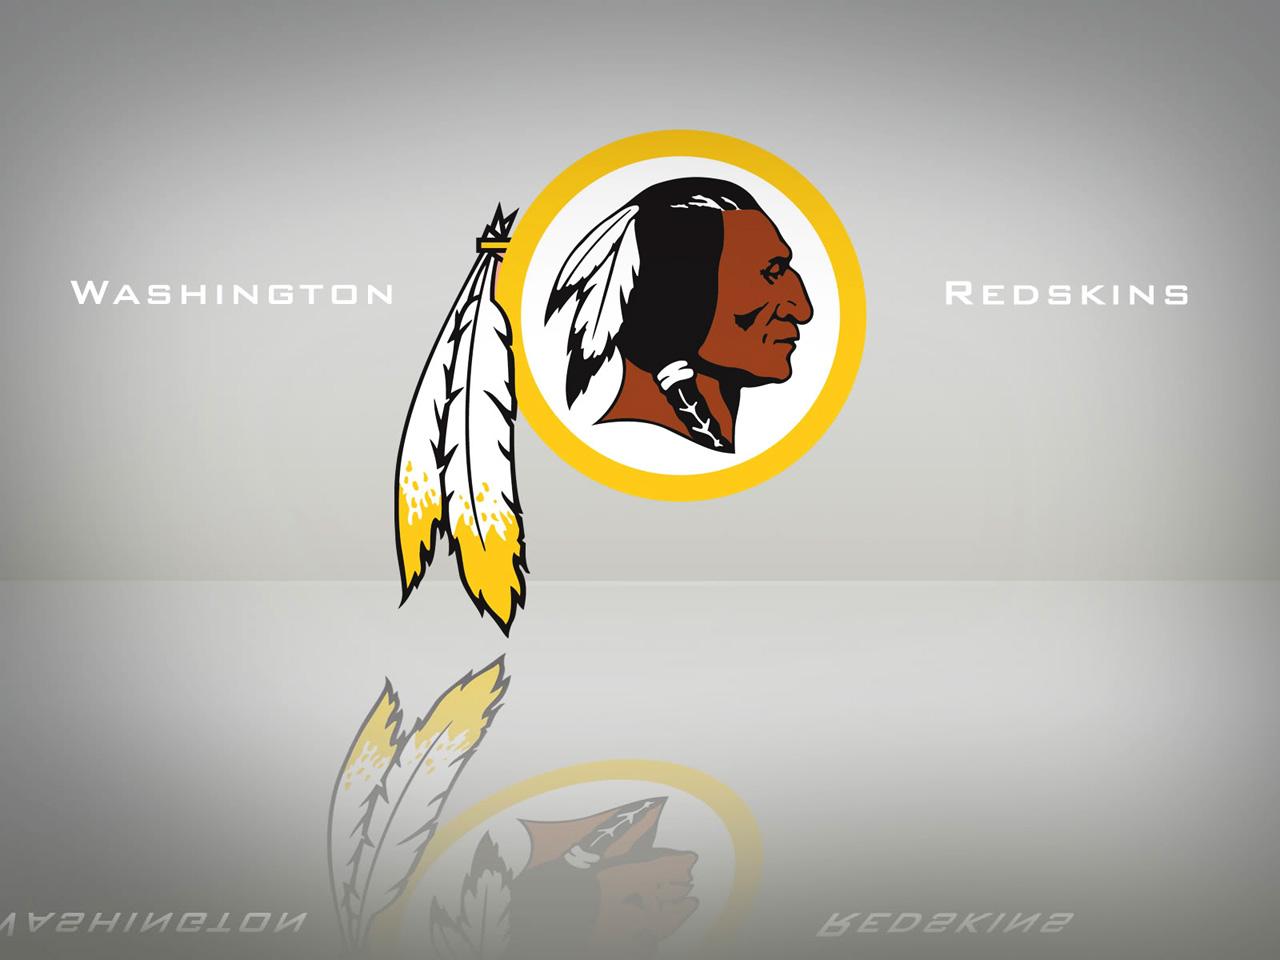 day Washington Redskins wallpaper Washington Redskins wallpapers 1280x960